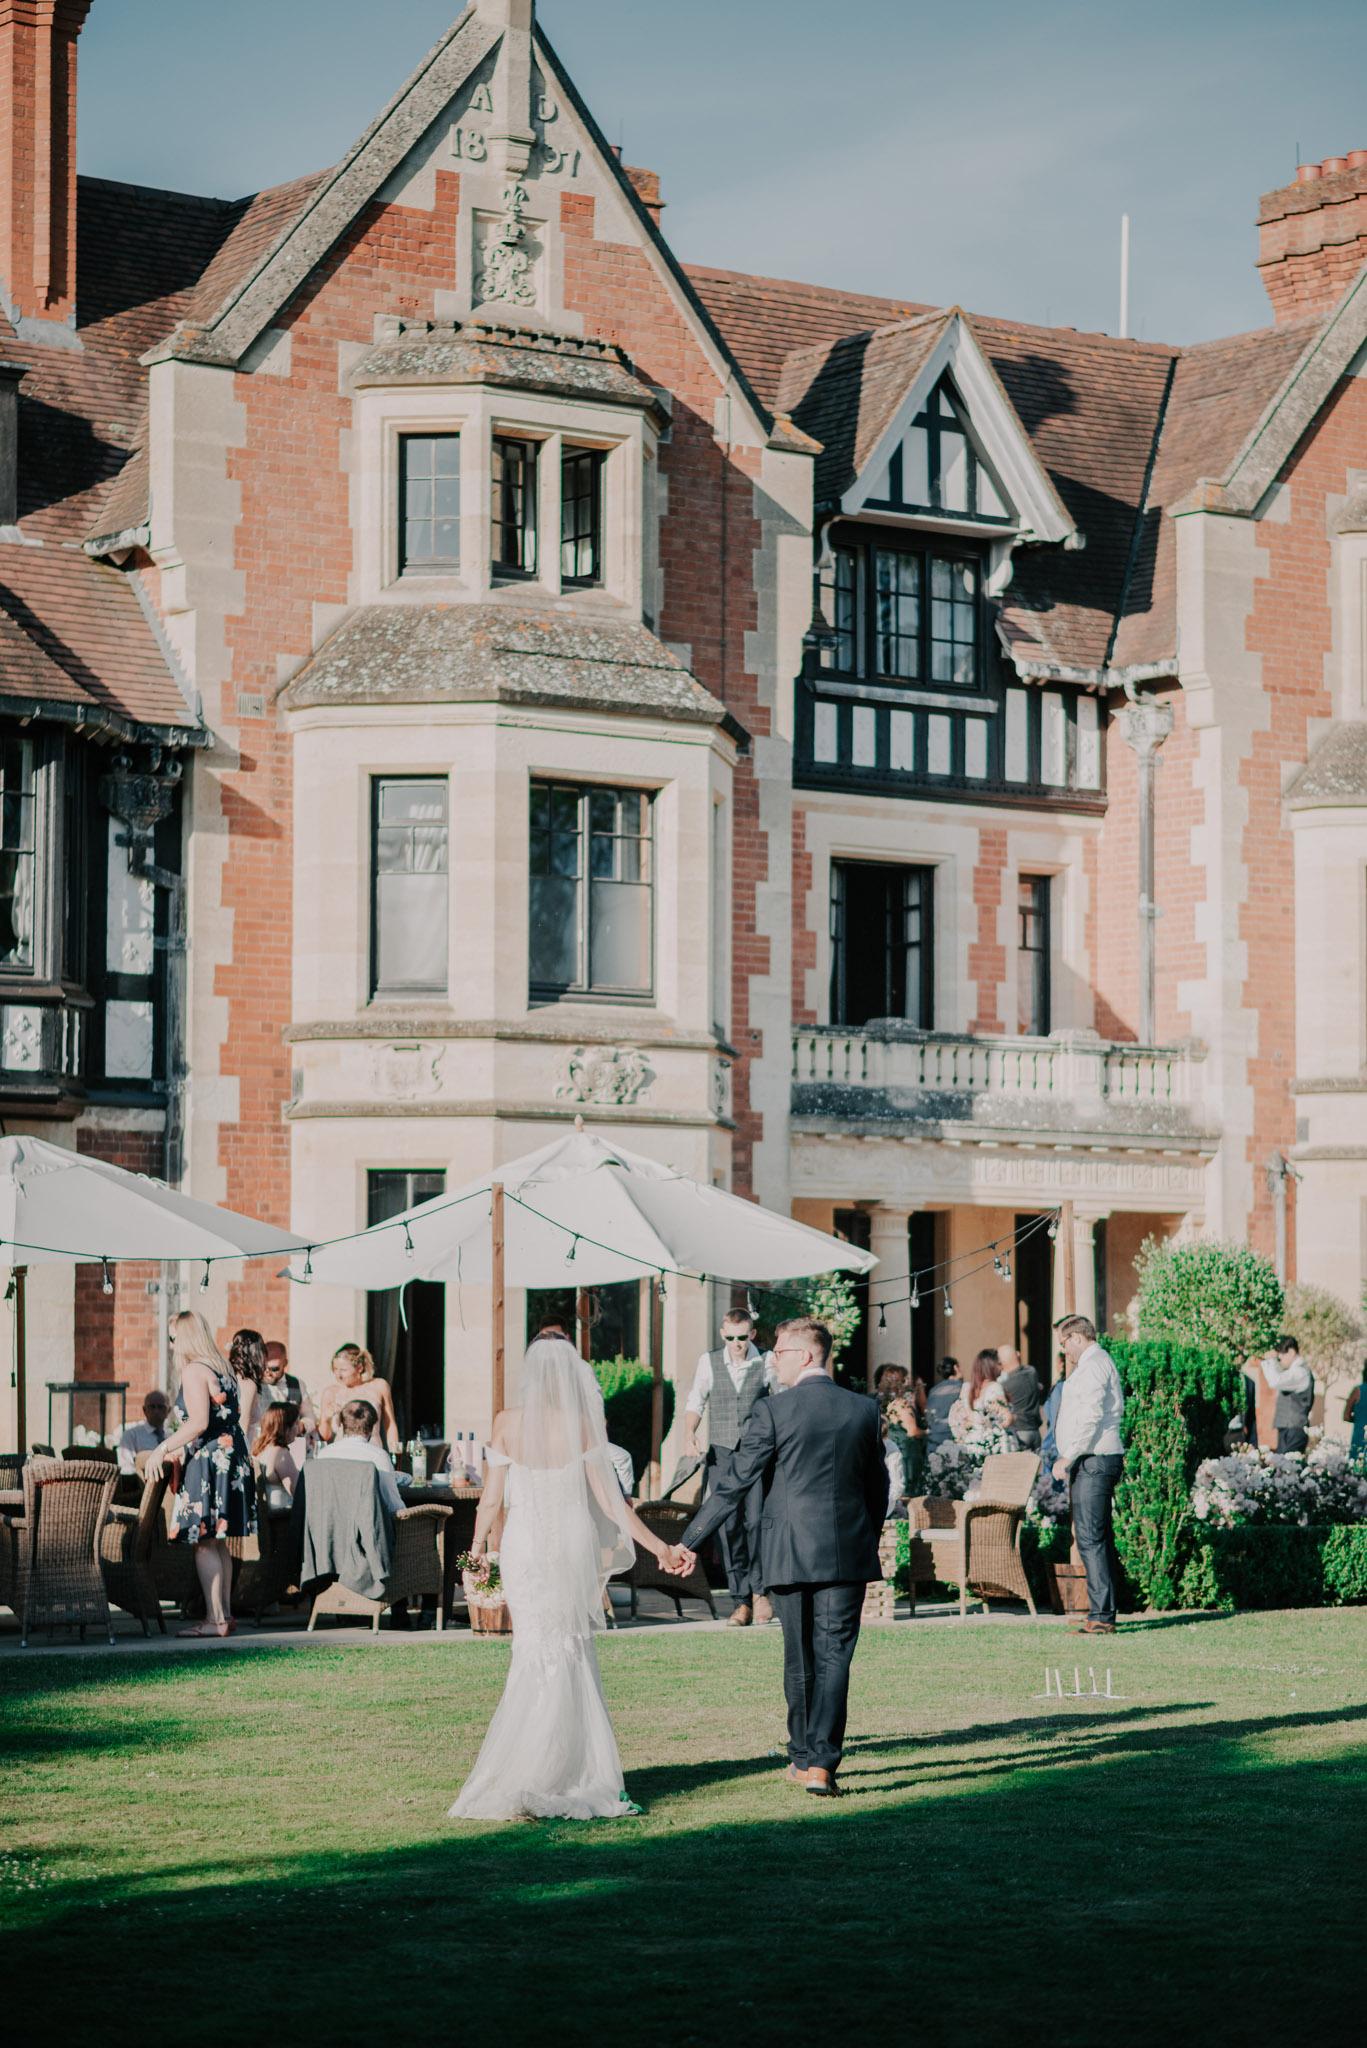 scott-stockwell-wedding-photographer-wood-norton-evesham344.jpg